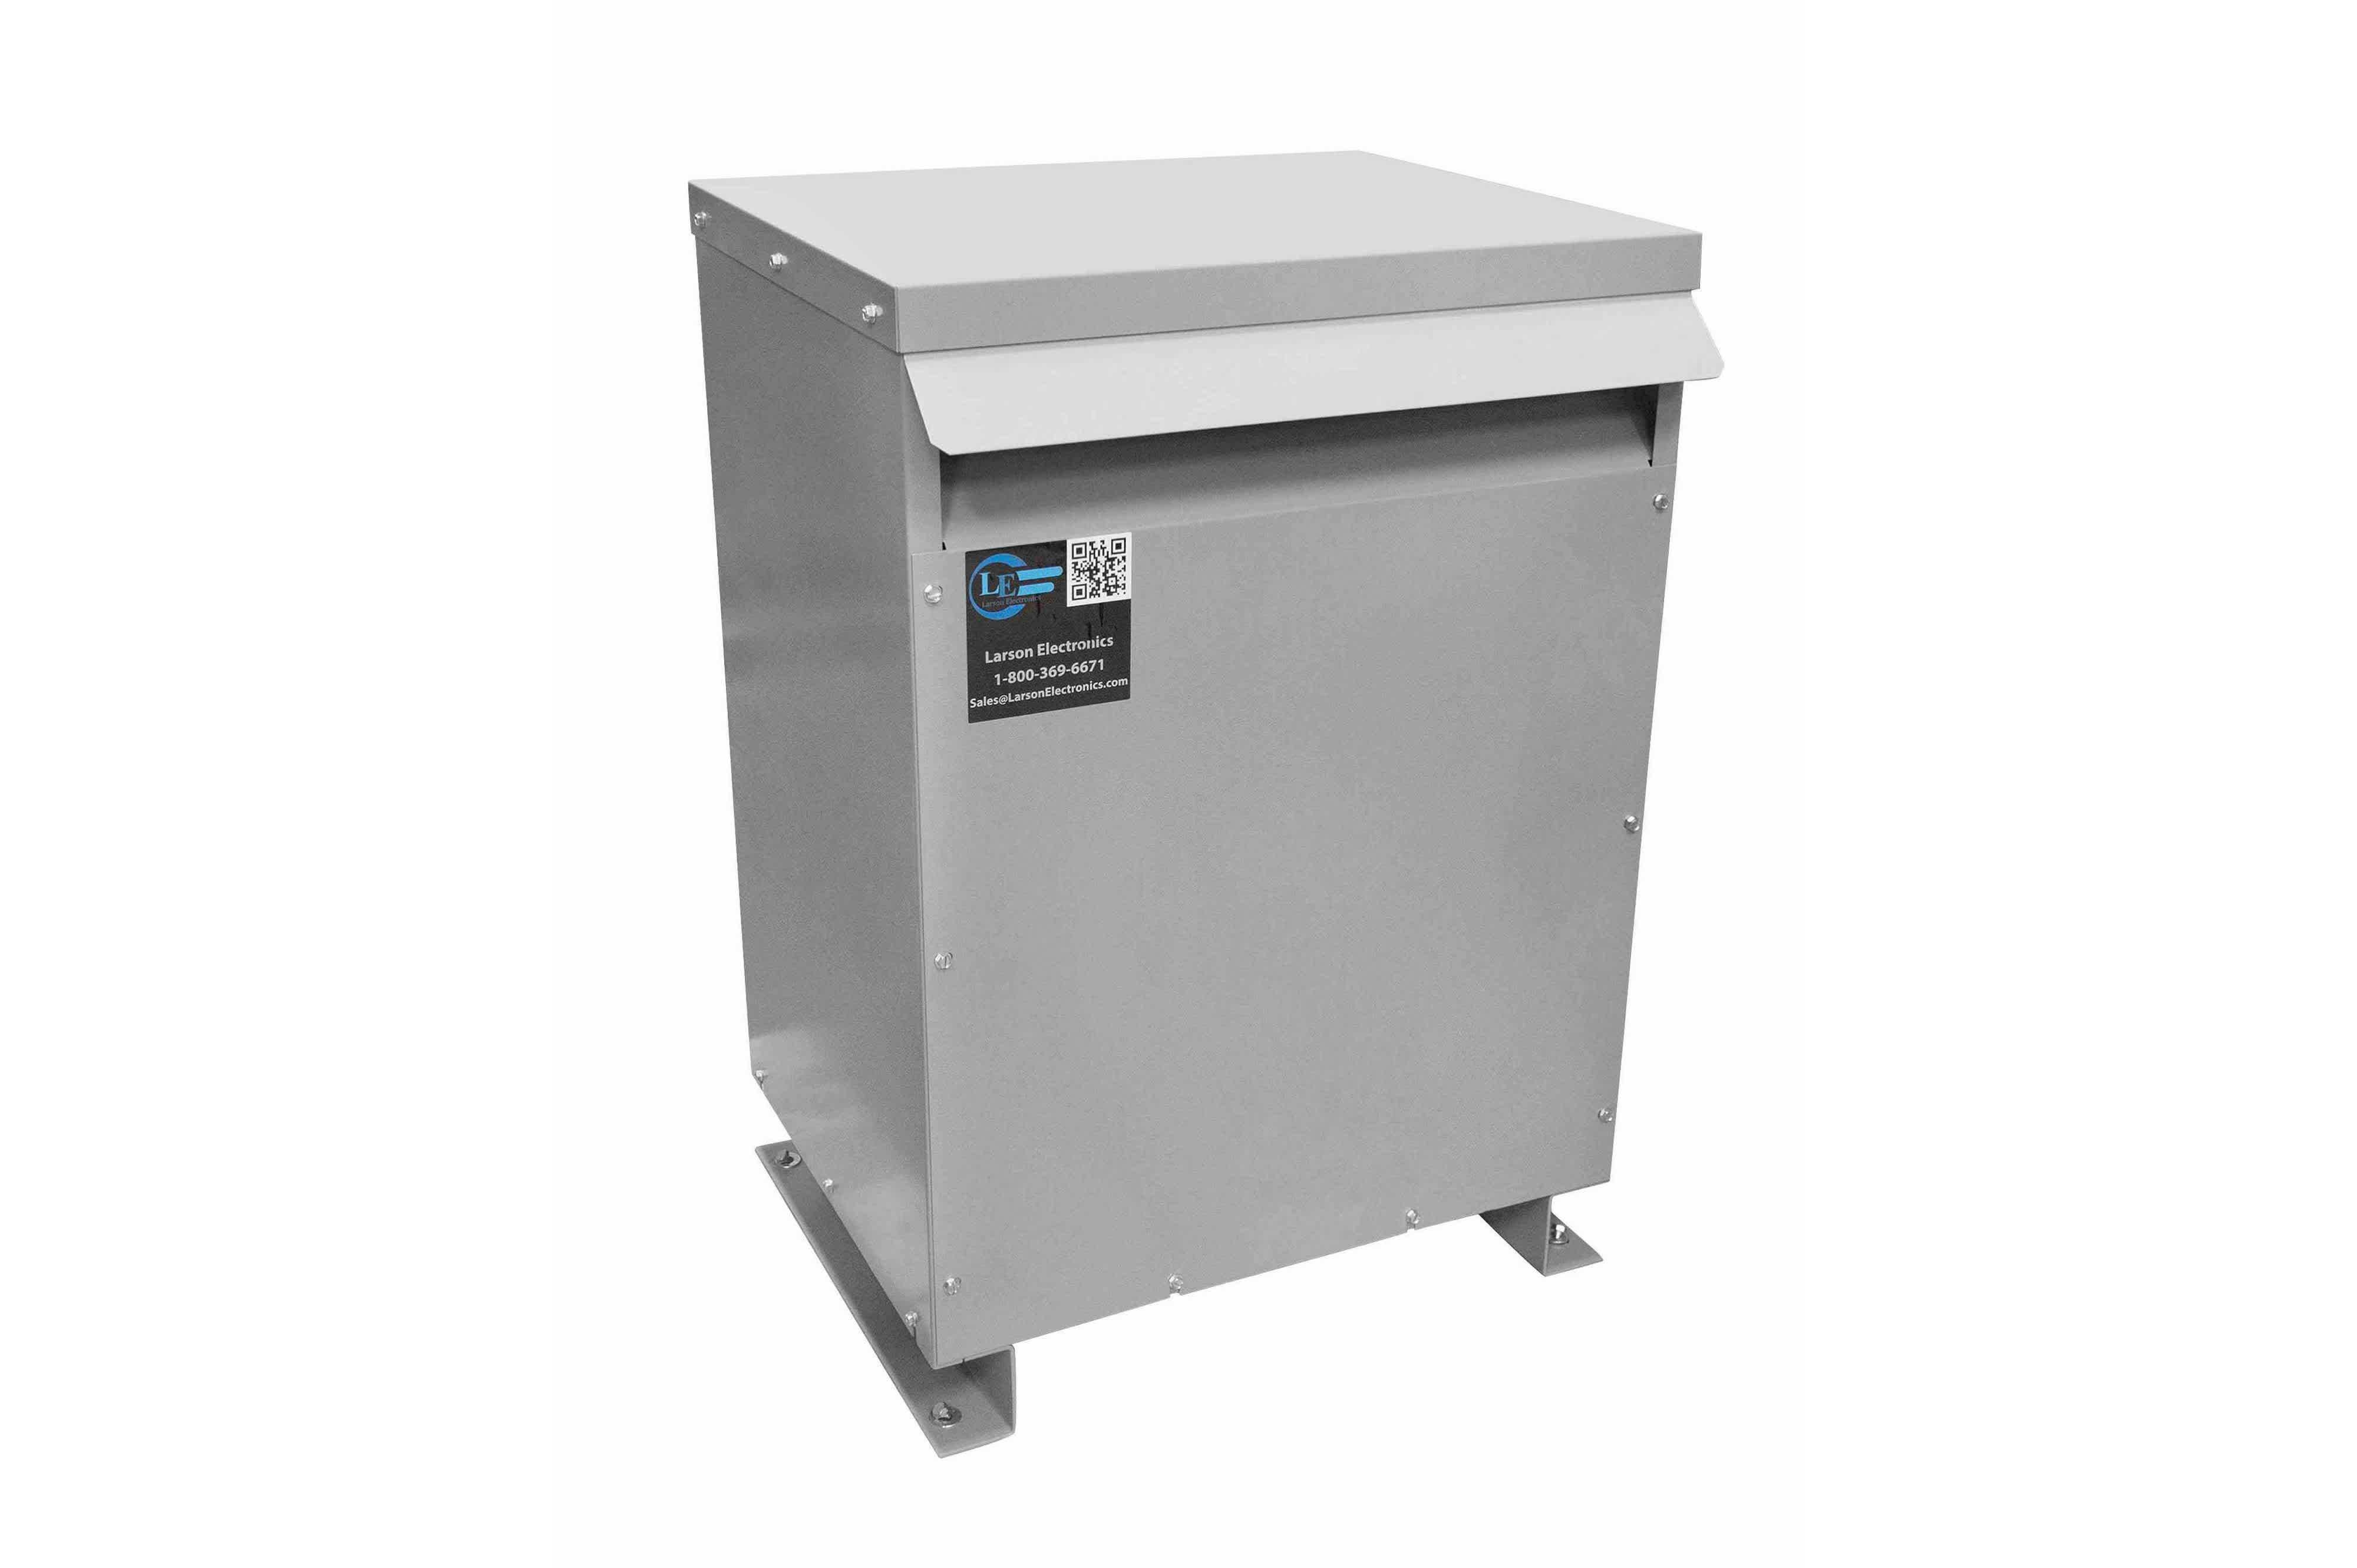 40 kVA 3PH Isolation Transformer, 230V Delta Primary, 208V Delta Secondary, N3R, Ventilated, 60 Hz